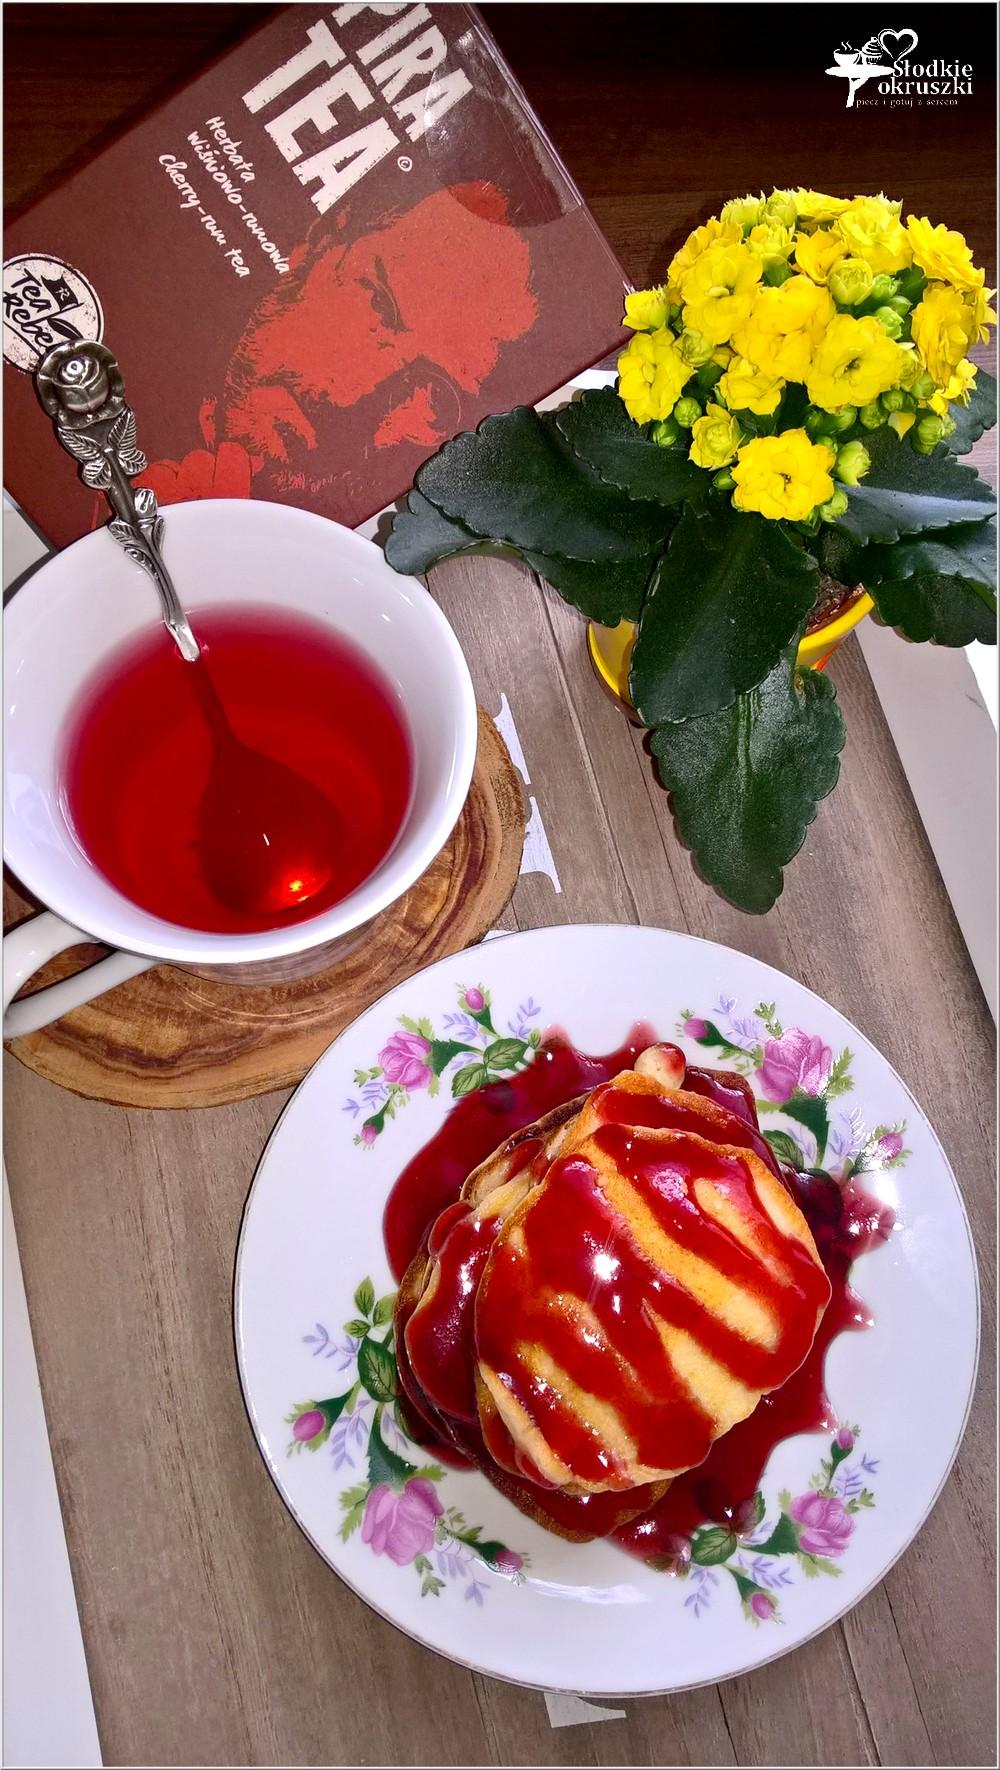 Serowe placuszki z sosem wiśniowym (2)